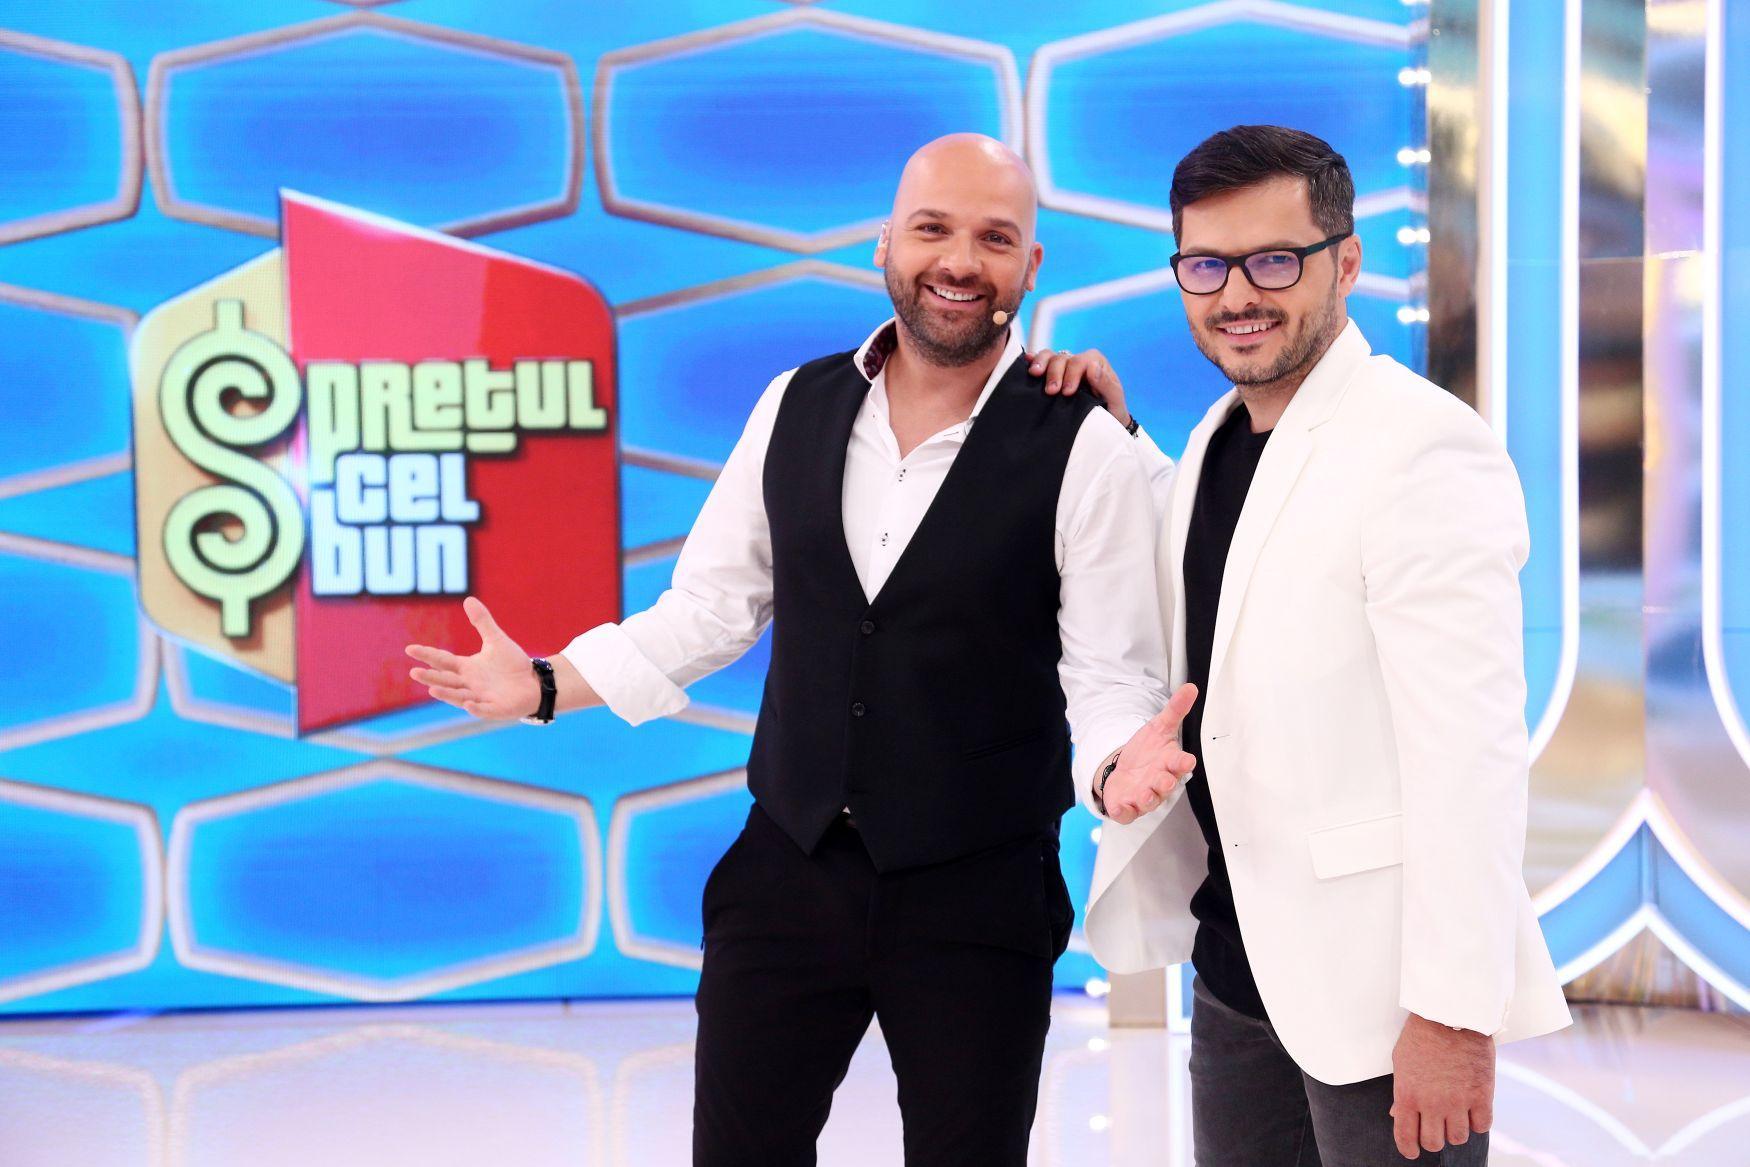 Liviu Vârciu și Andrei Ștefănescu au început filmările pentru quiz show-ul Prețul cel bun